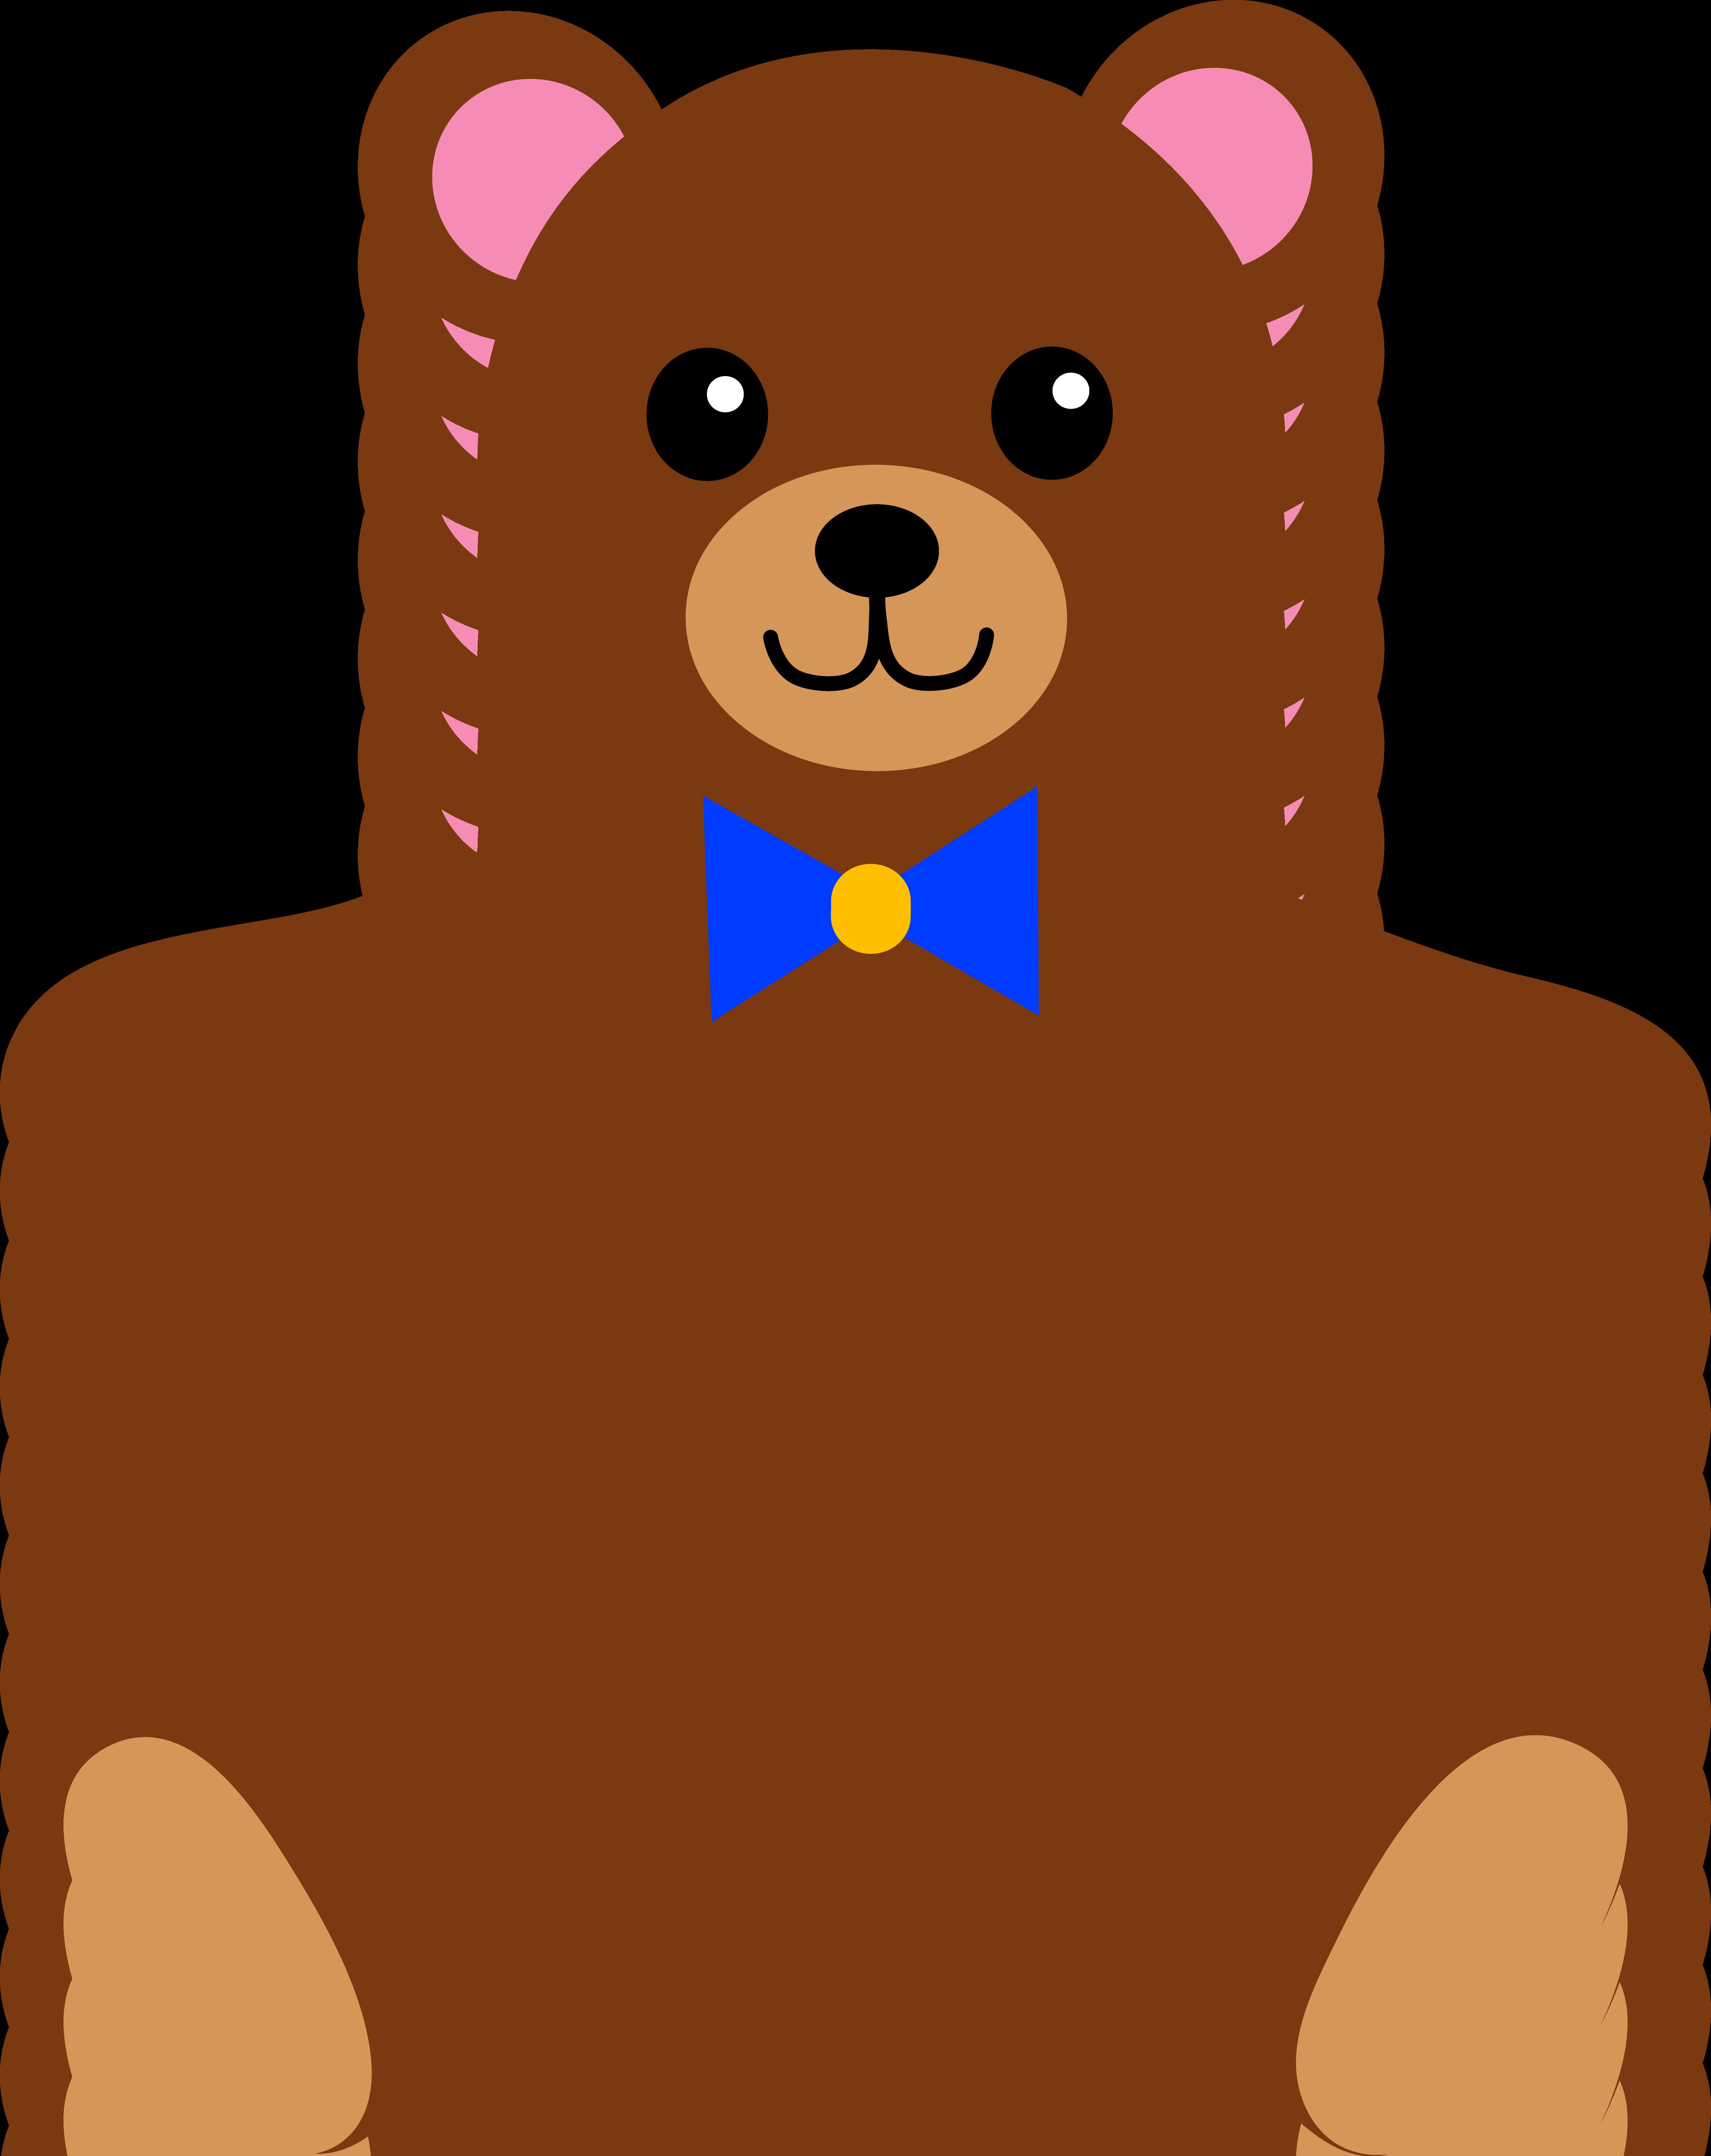 cute-bear-clipart-teddy-bearchildrens-stuffed-teddy-bear---free-clip ...